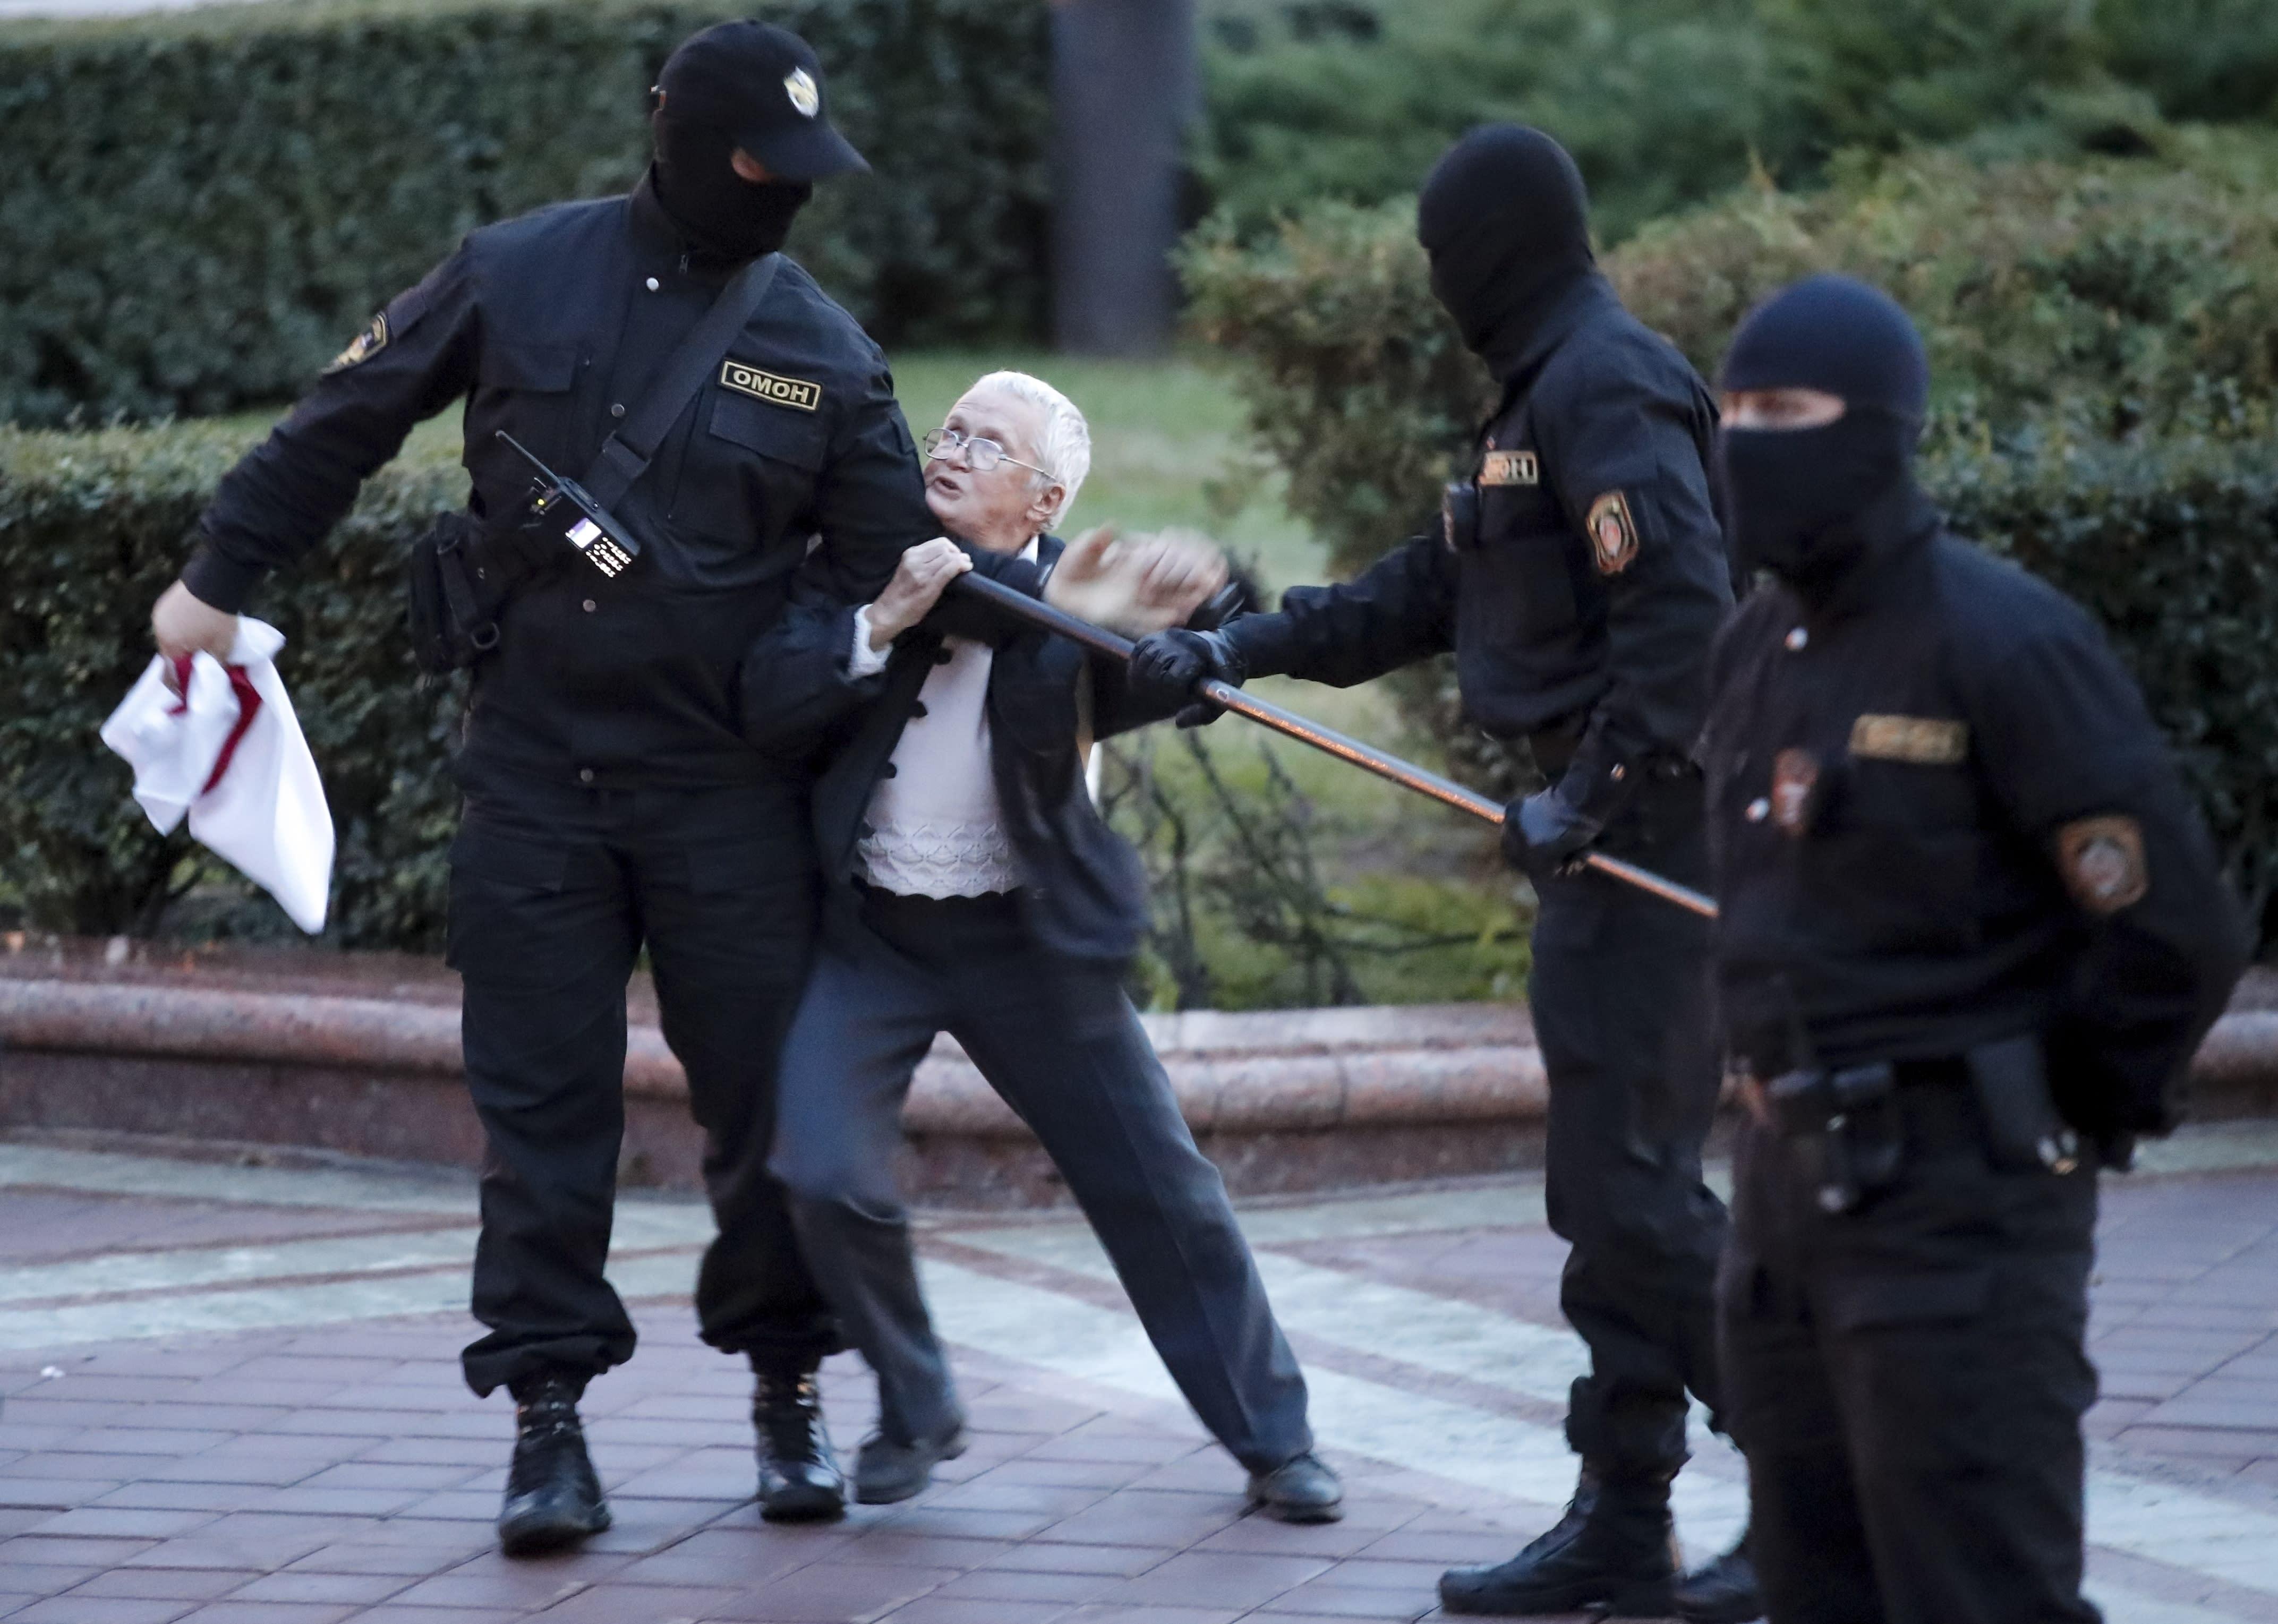 Opposition leader urges UN to halt Belarus media crackdown